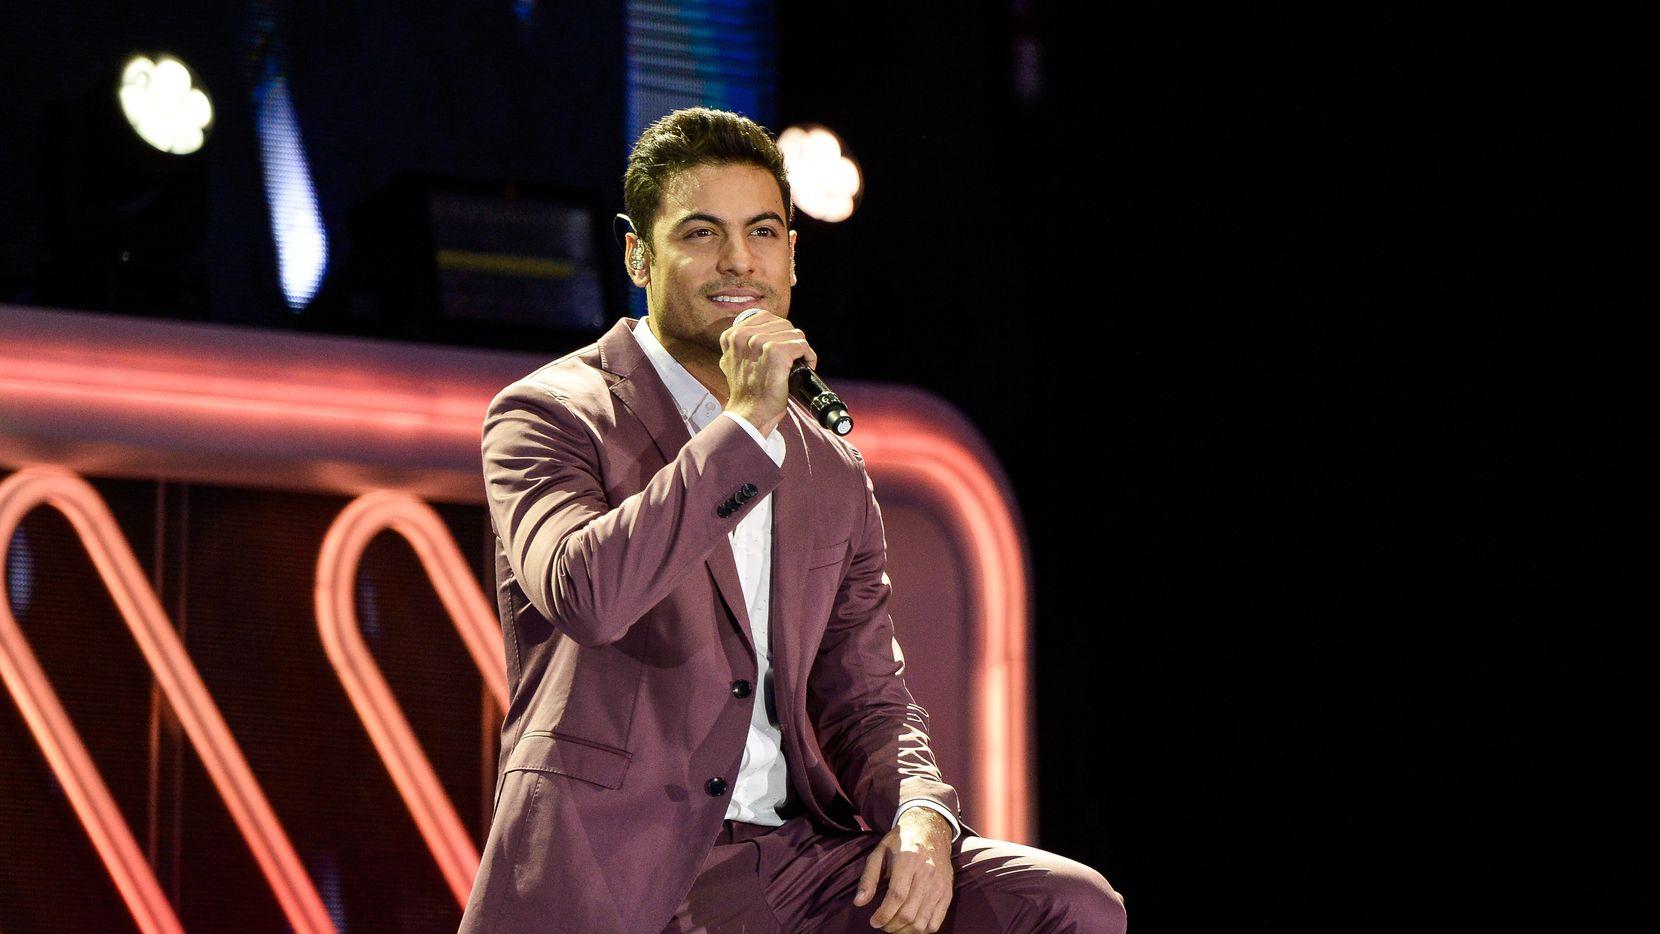 Carlos Rivera encabezó el miércoles por la noche el Latin Grammy Acoustic Session de la Ciudad de México, parte de las actividades rumbo a la 20ma edición de los premios de la Academia Latina de la Grabación, que se entregarán en noviembre en Las Vegas.  (Photo by Carlos Alvarez/Getty Images)